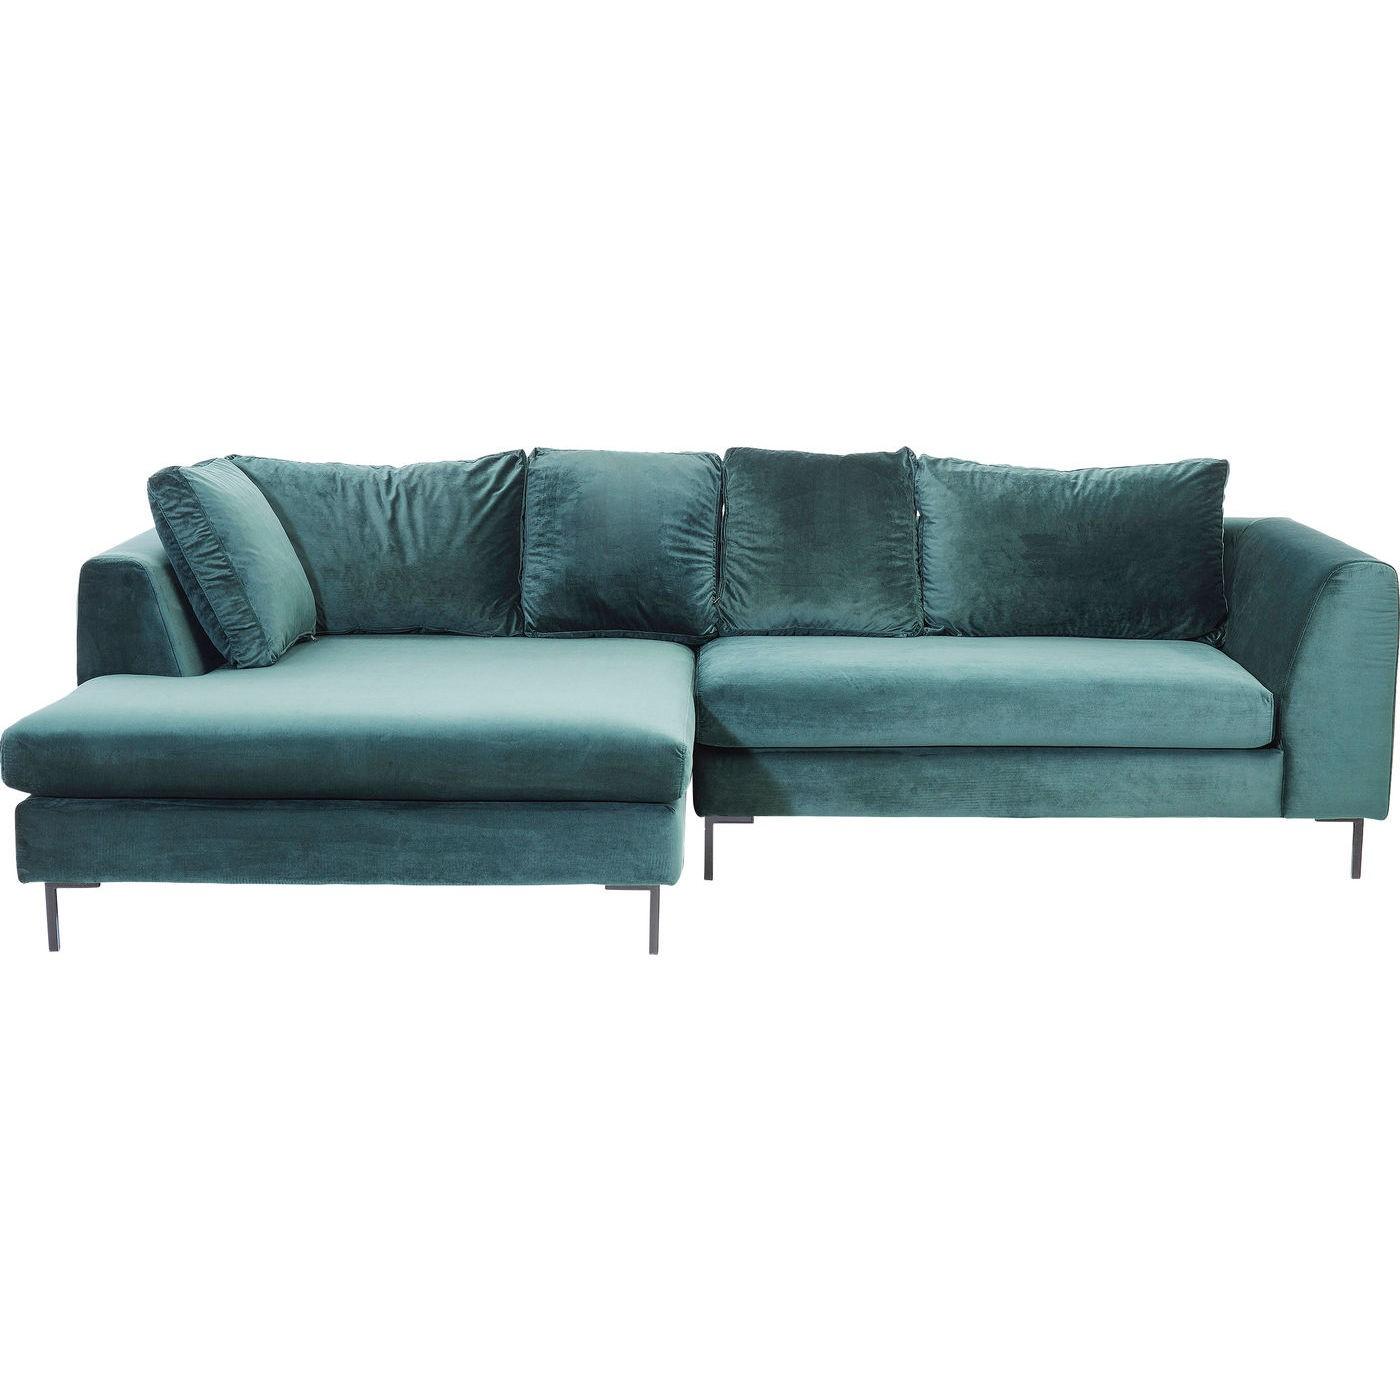 Canapé d'angle gauche 4 places en velours bleu-vert